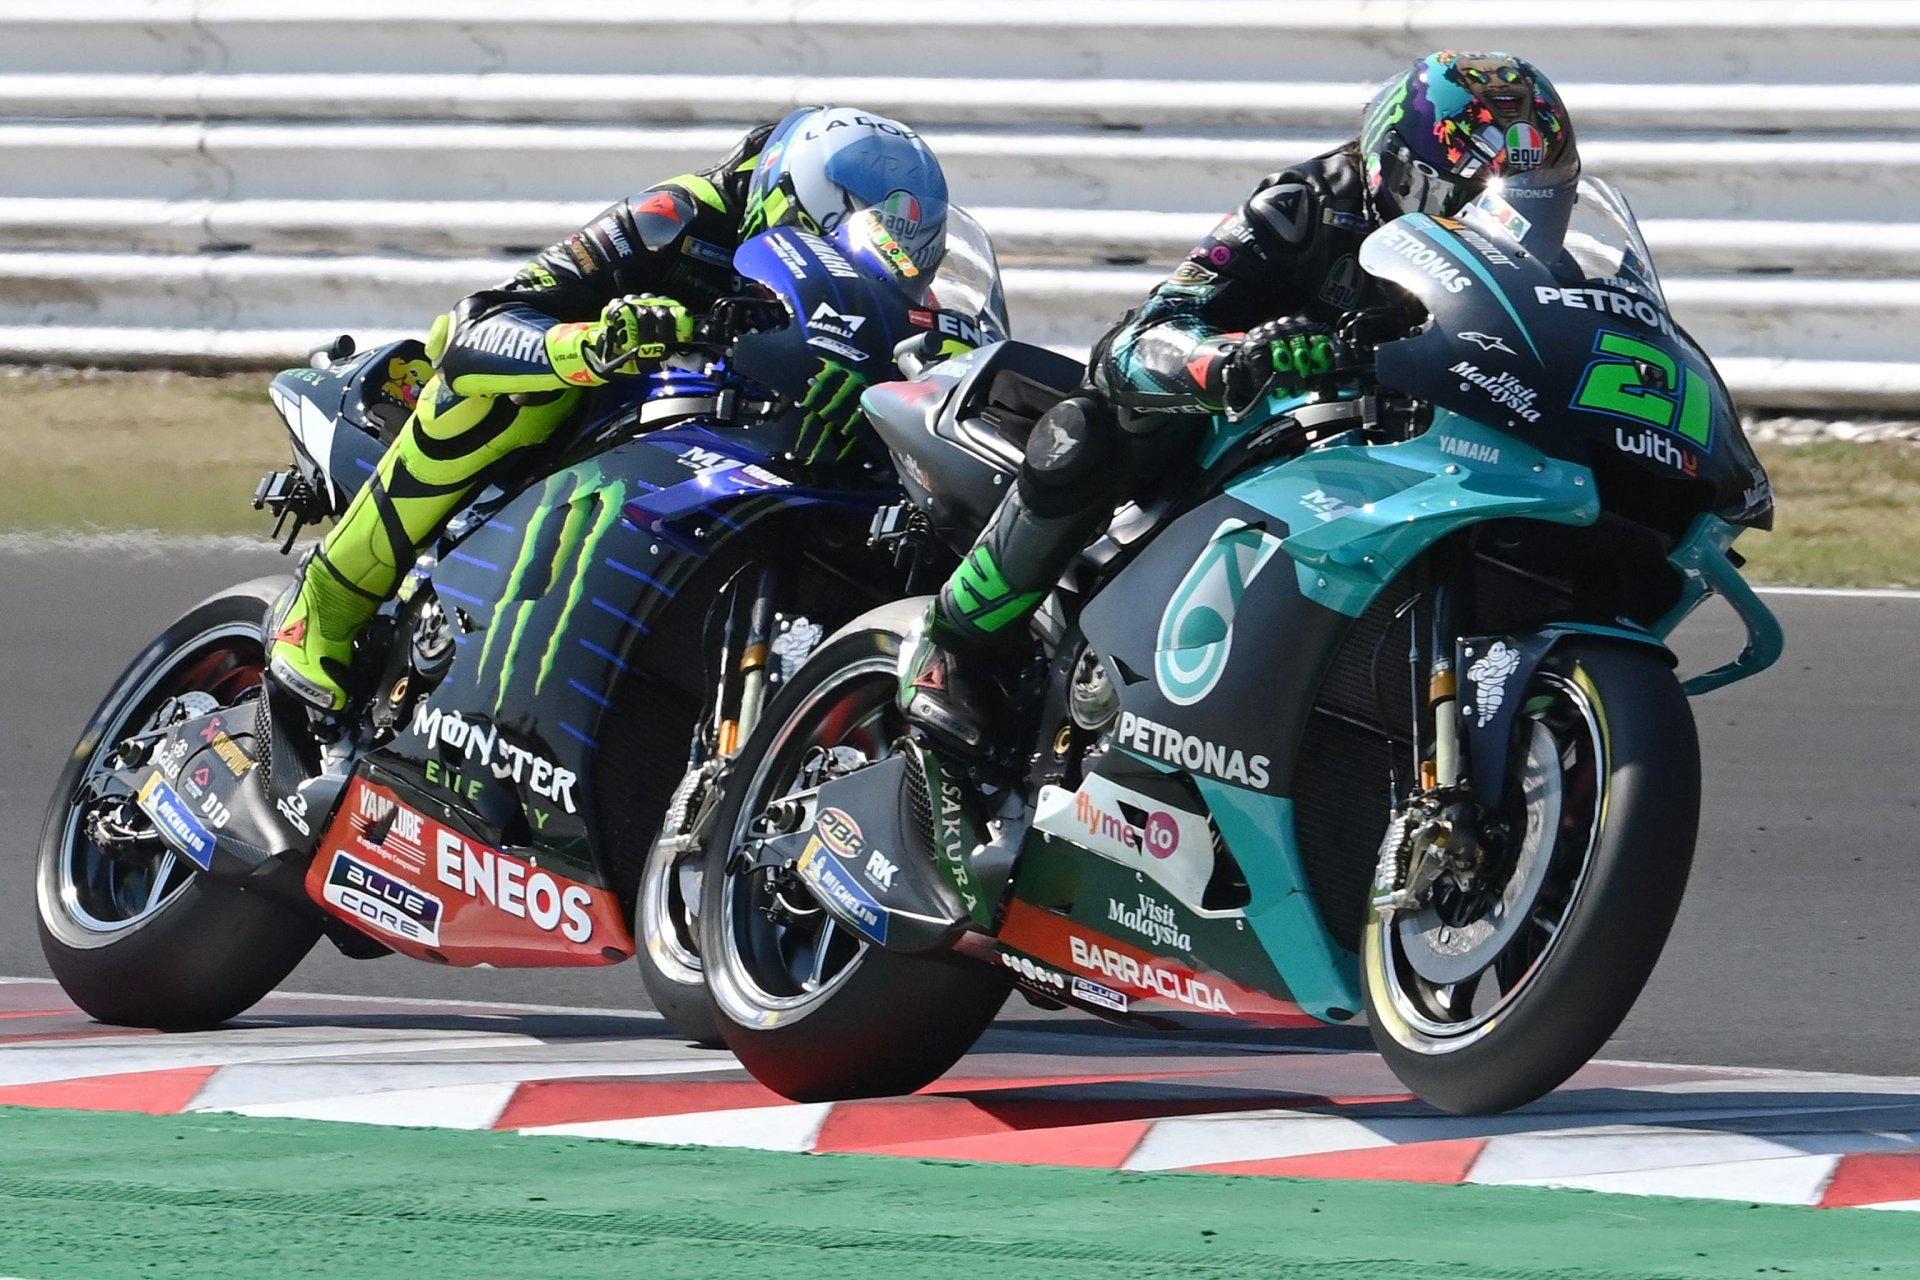 Test ufficiali sul circuito di Misano, diretta su Sky Sport MotoGP